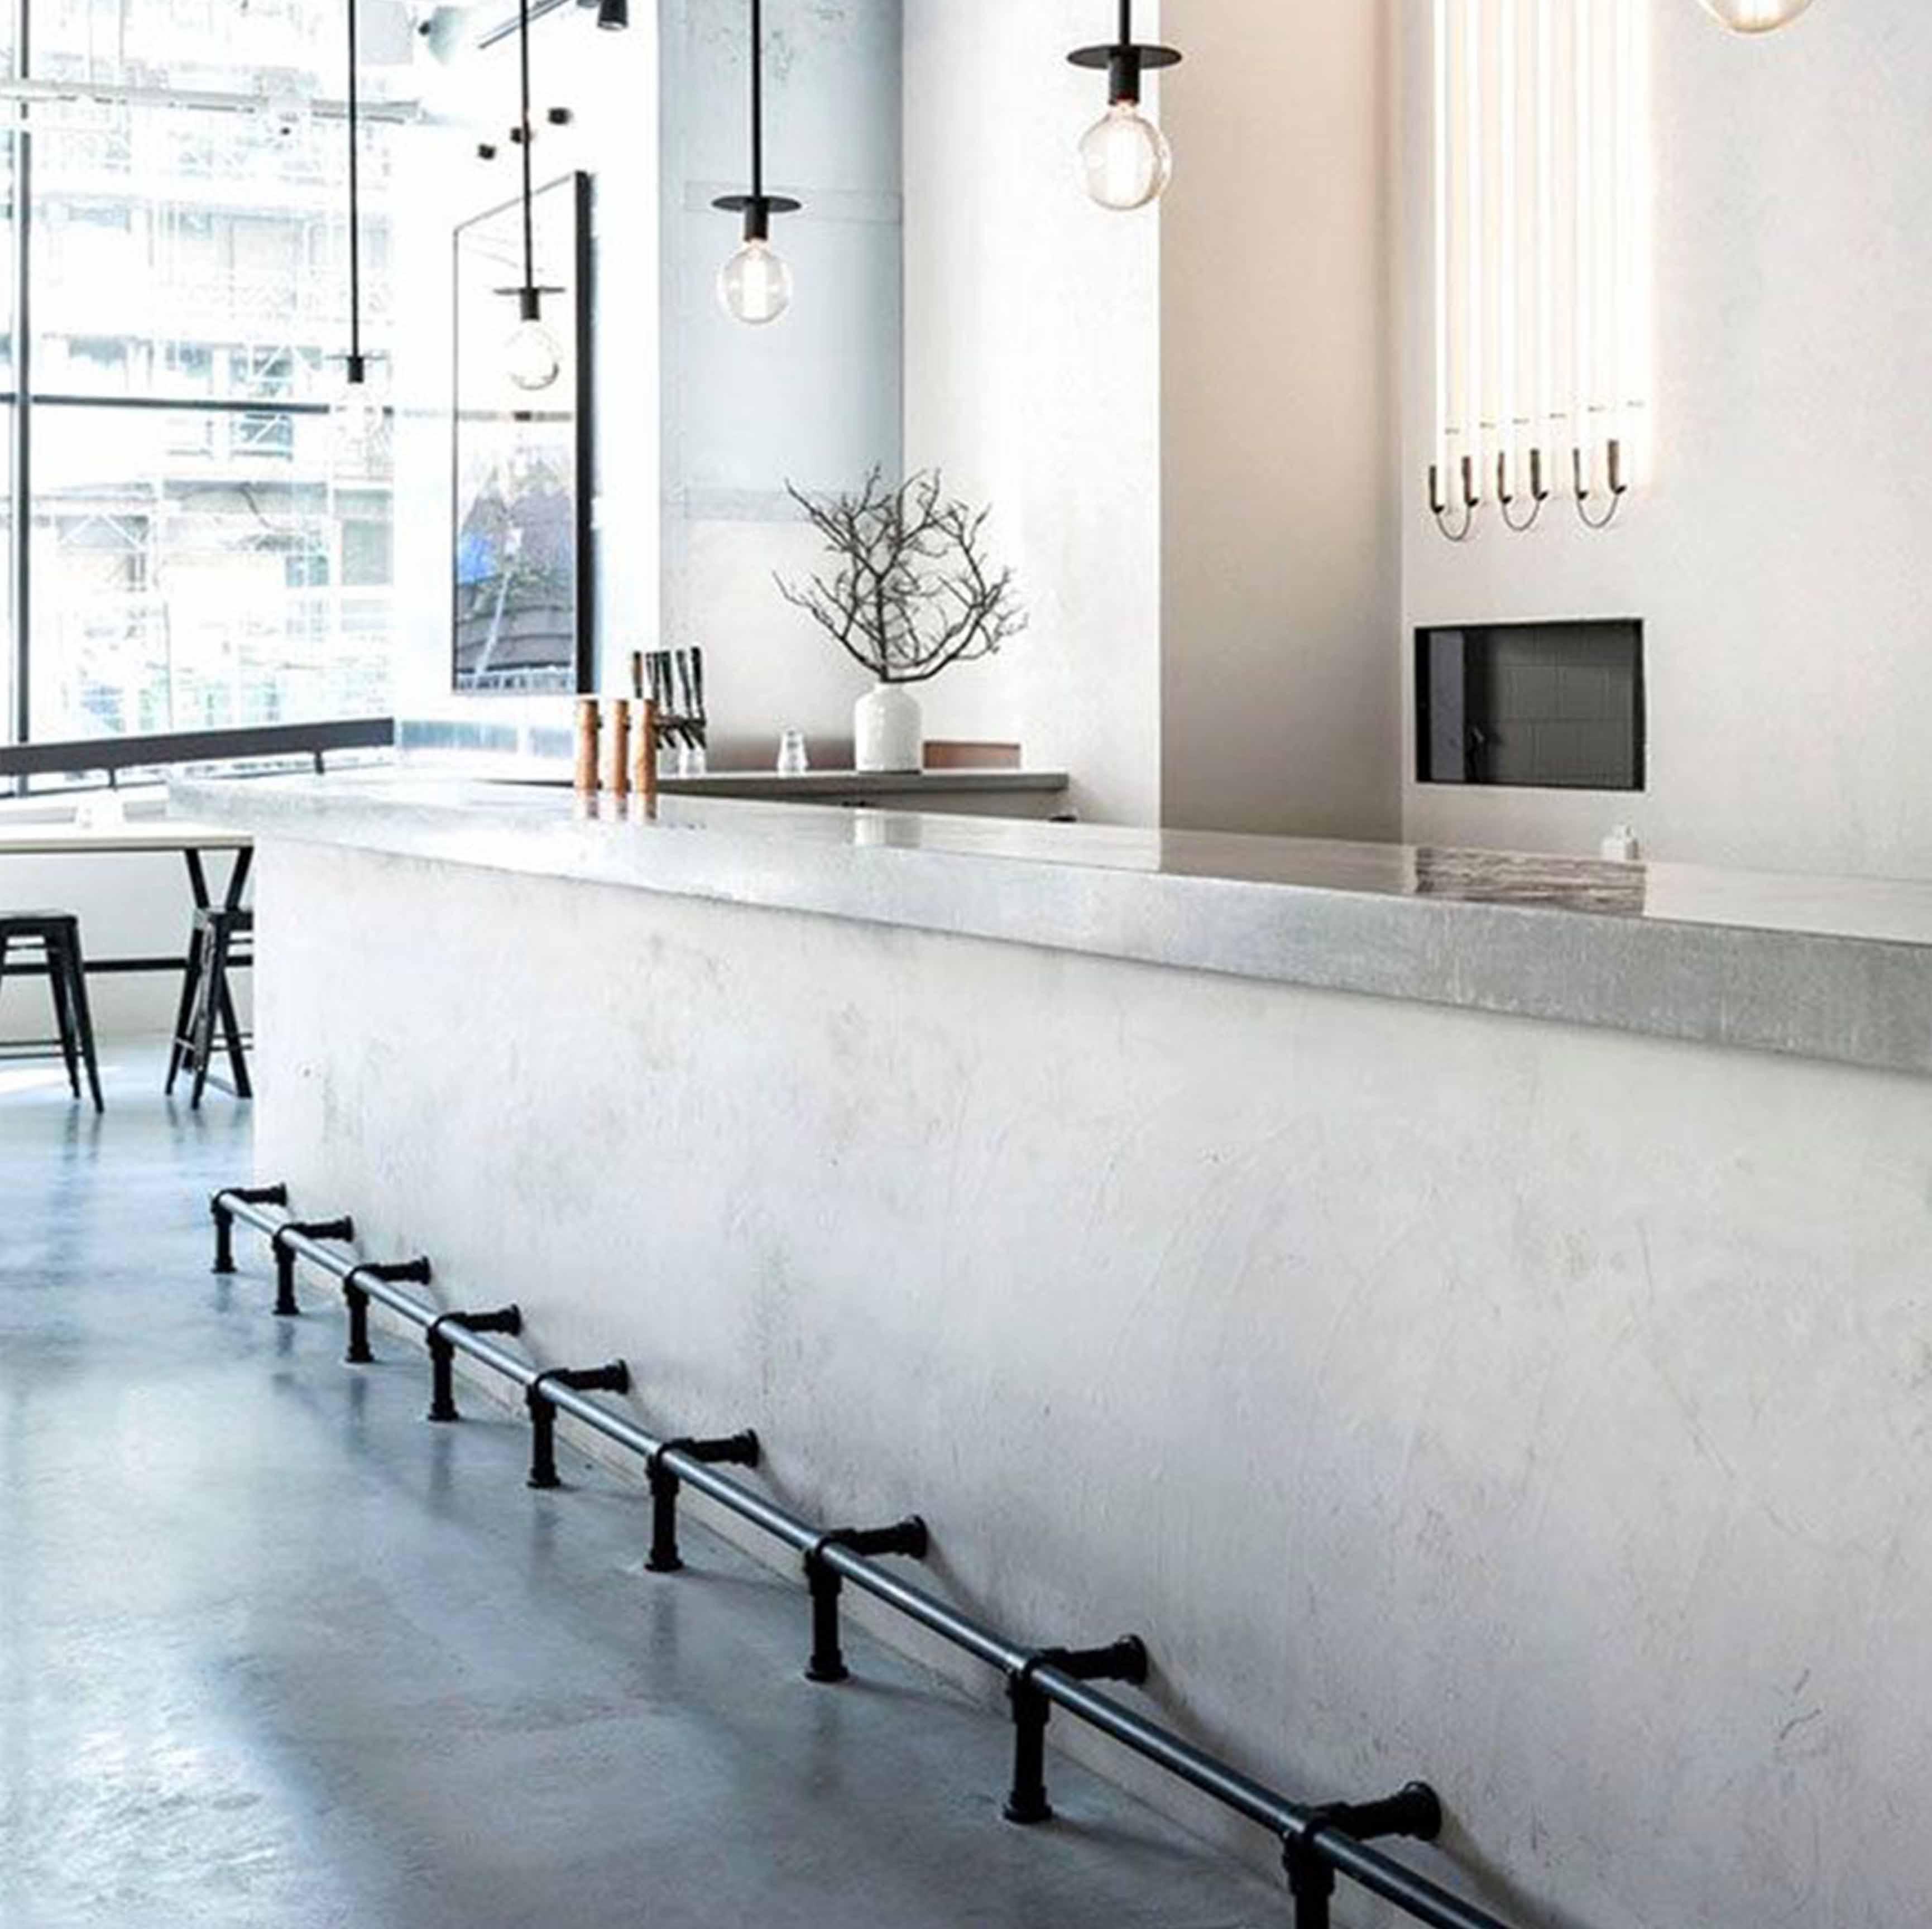 Thiết kế nội thất và 15 mẫu quán cafe đẹp mê hồn